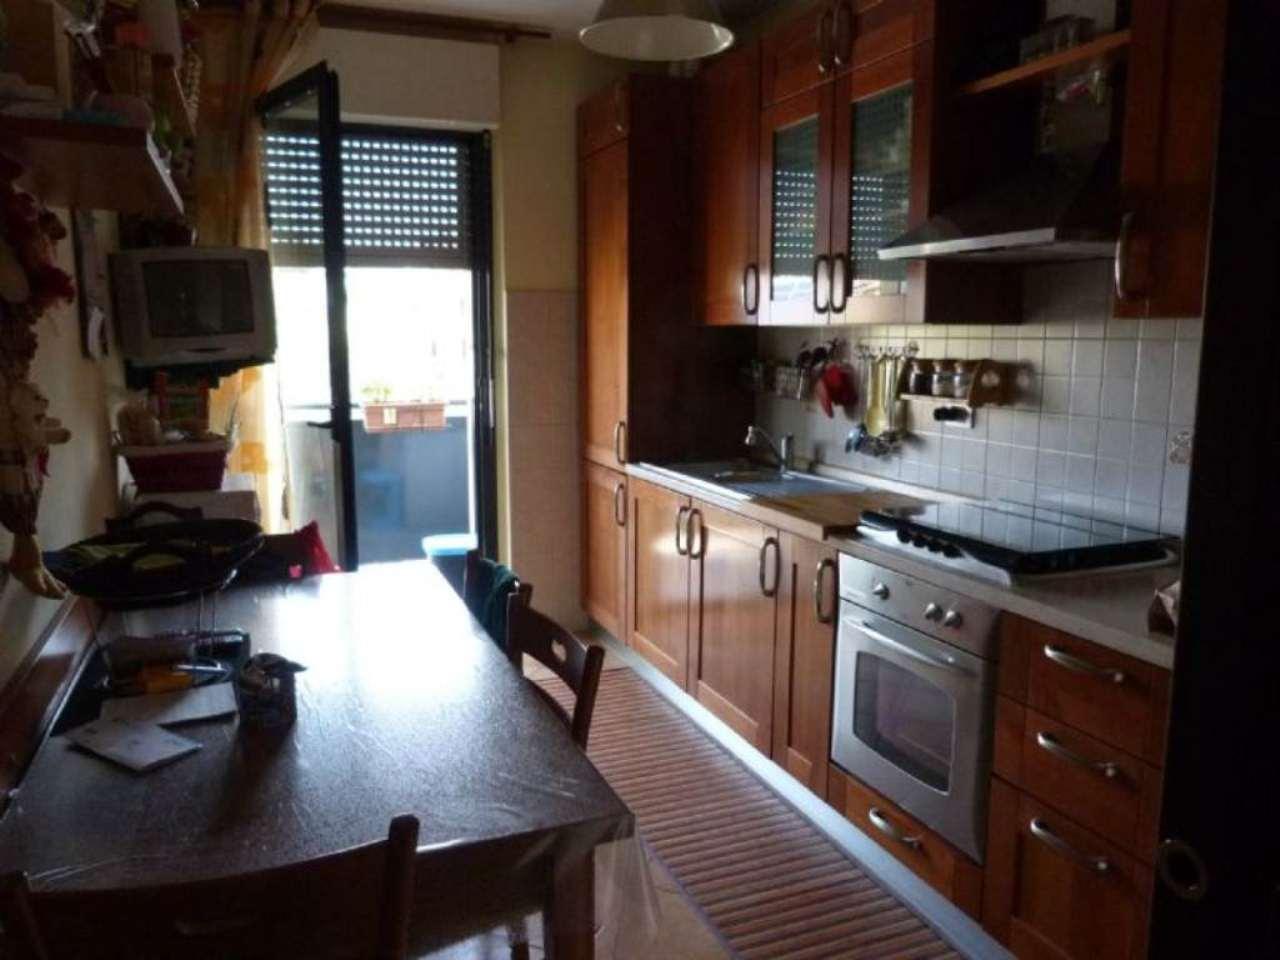 Attico / Mansarda in vendita a Villa Guardia, 3 locali, prezzo € 179.000 | CambioCasa.it